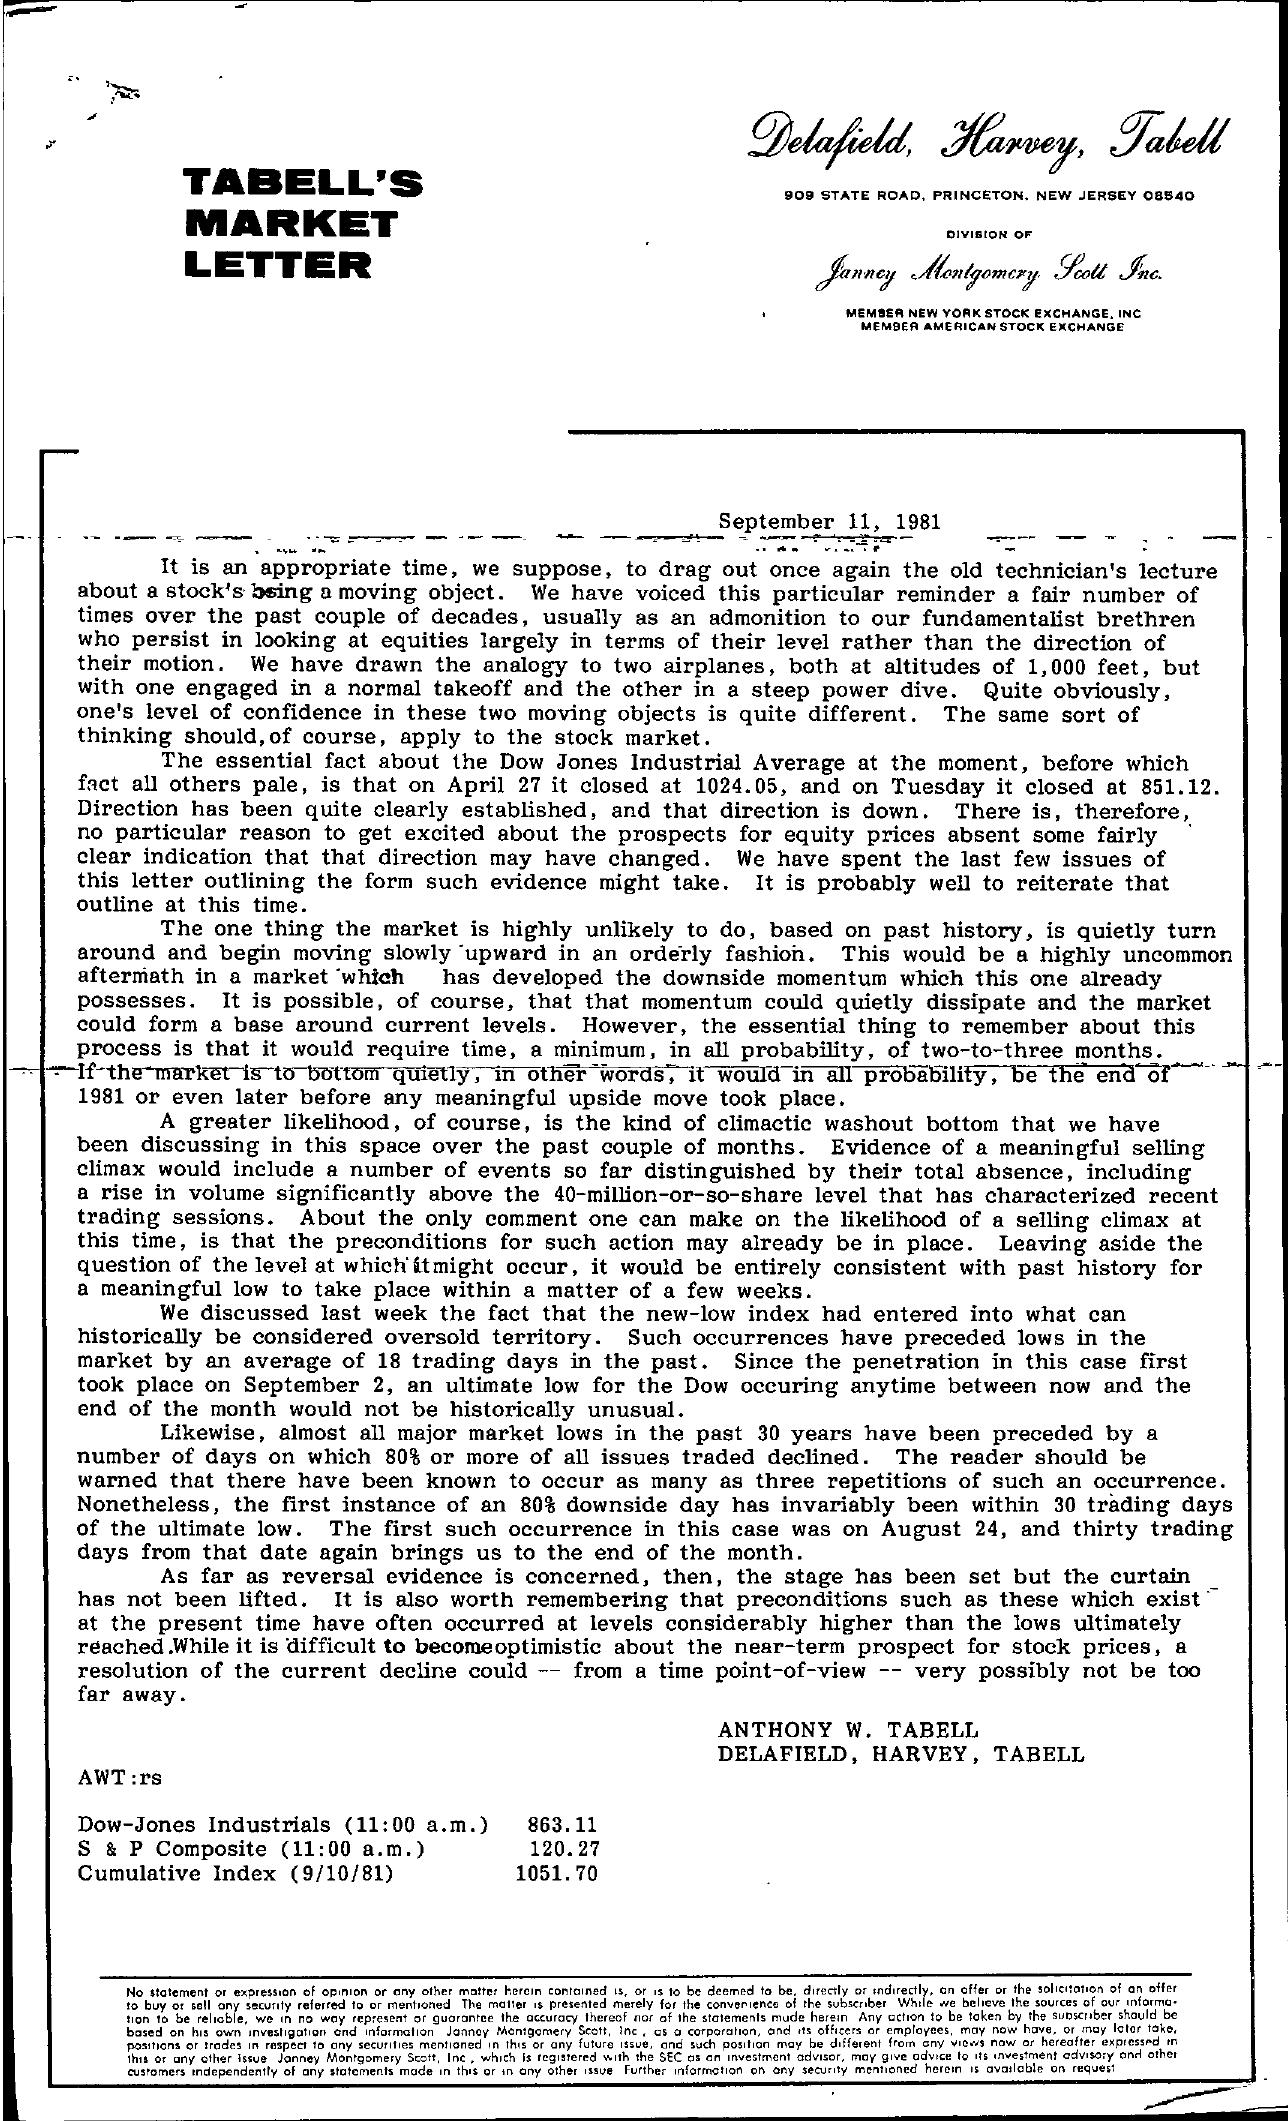 Tabell's Market Letter - September 11, 1981